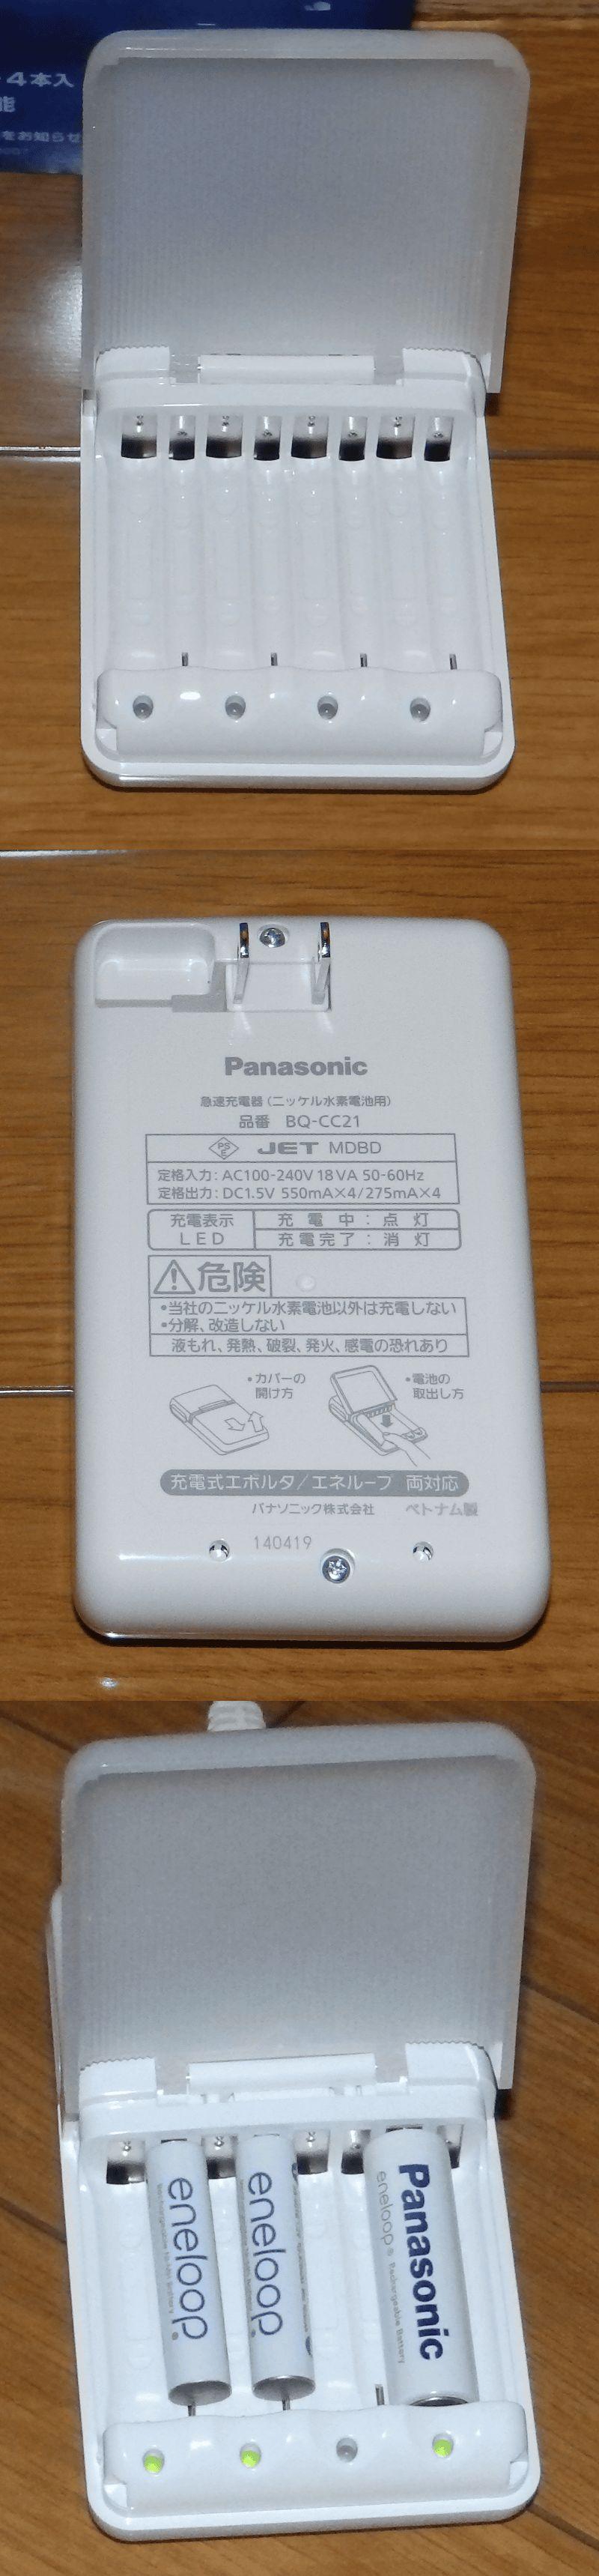 Panasonic_eneloop_K-KJ21MCC40_002.jpg